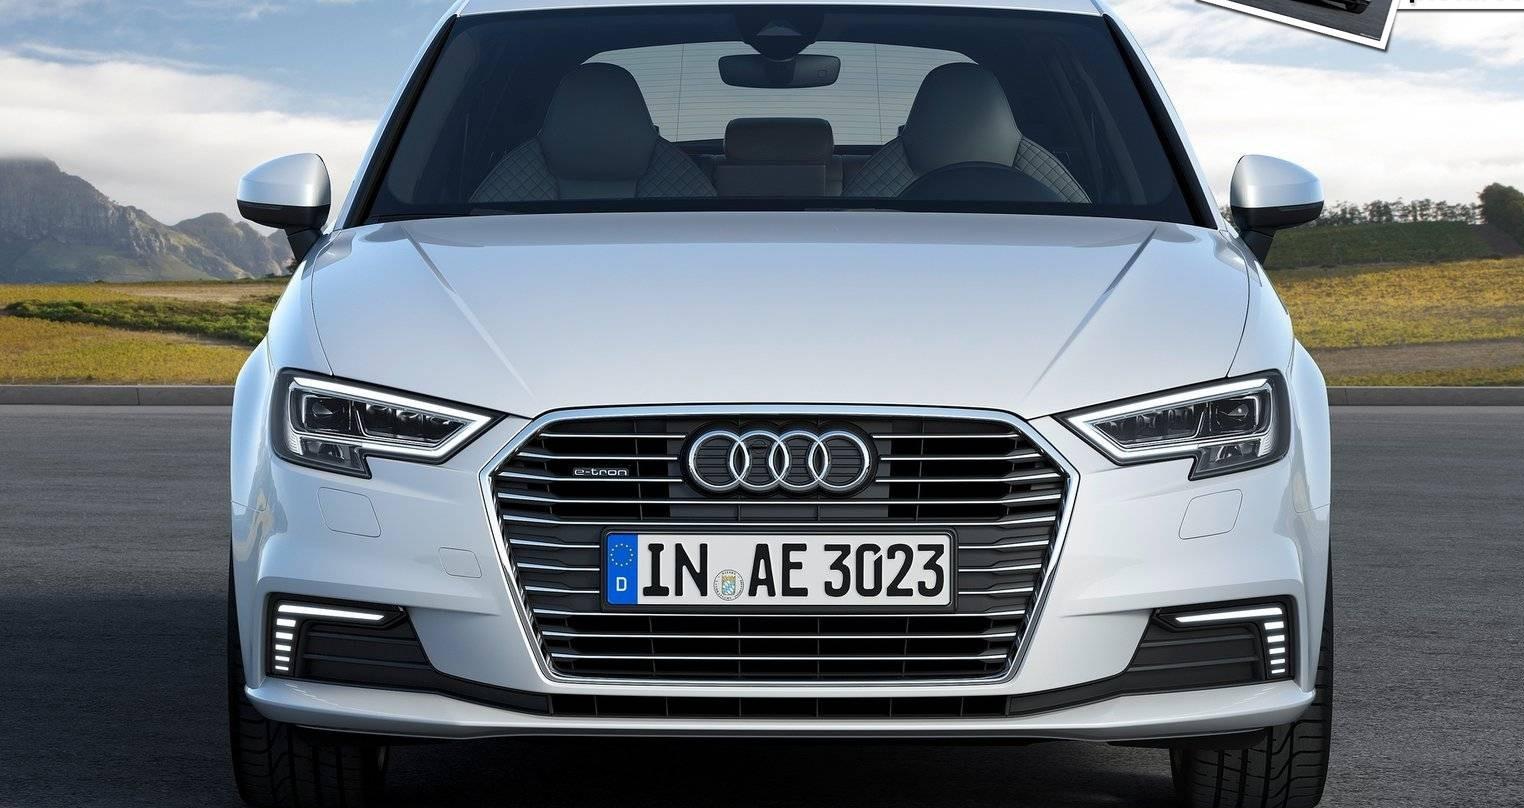 2017-Audi-A3_Sportback_e-tron